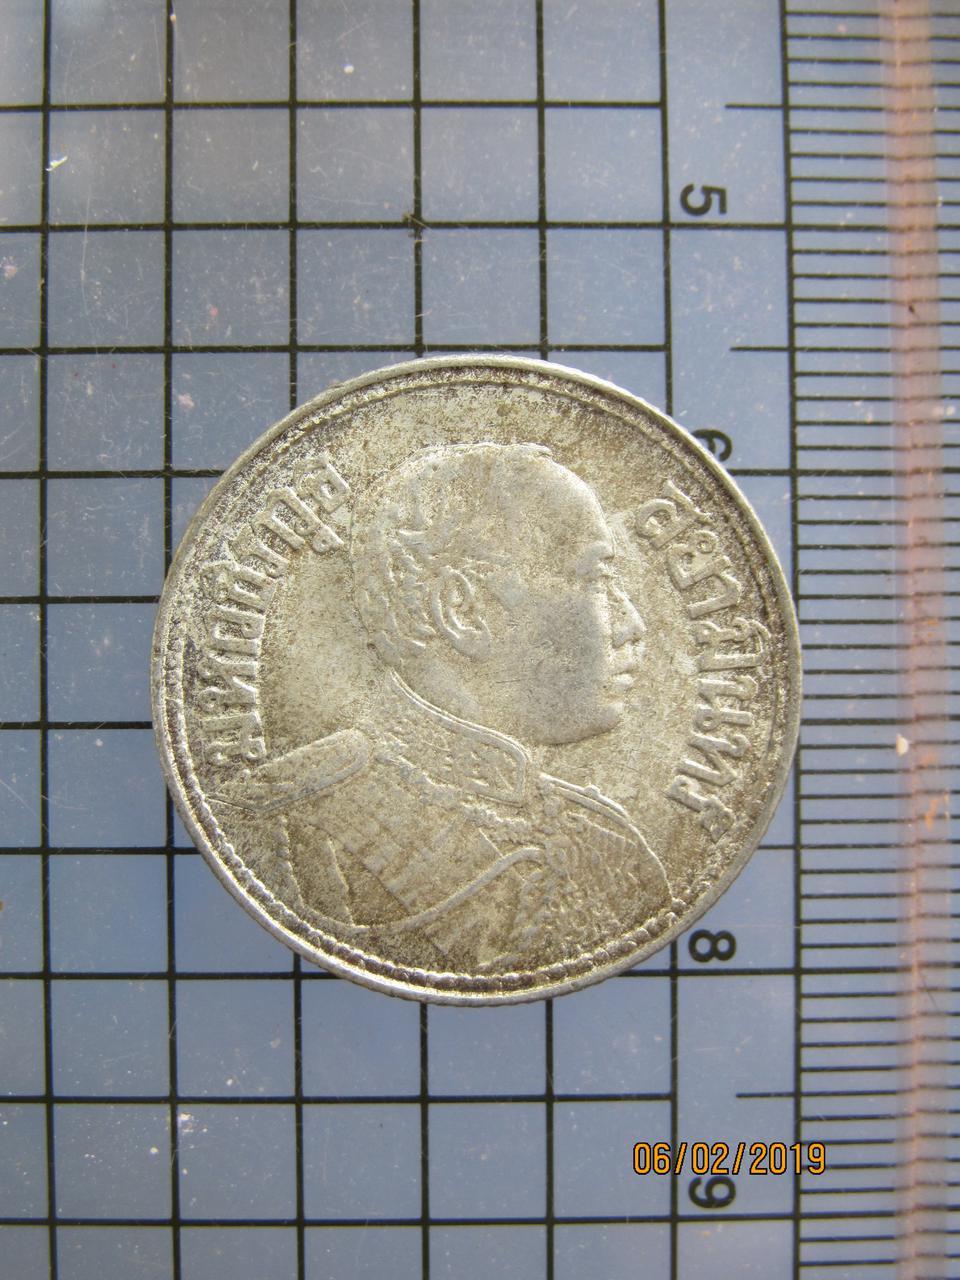 5239 เหรียญร.6 เนื้อเงิน(50สตางค์) พระบรมรูป-ตราไอราพต ปี 24 รูปที่ 2